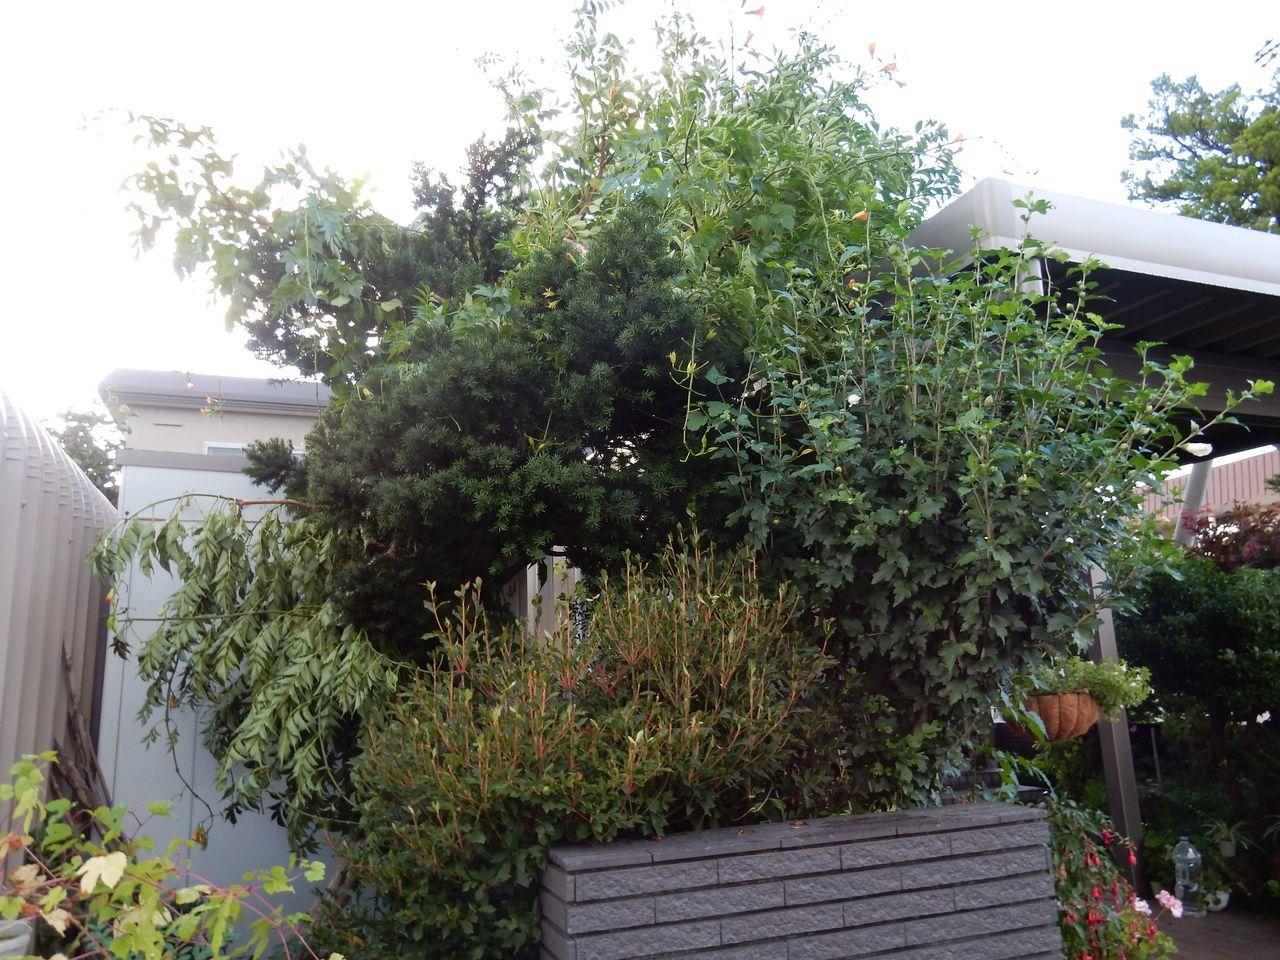 午後遅くなってからようやく「台風一過」の雰囲気に_c0025115_22551592.jpg